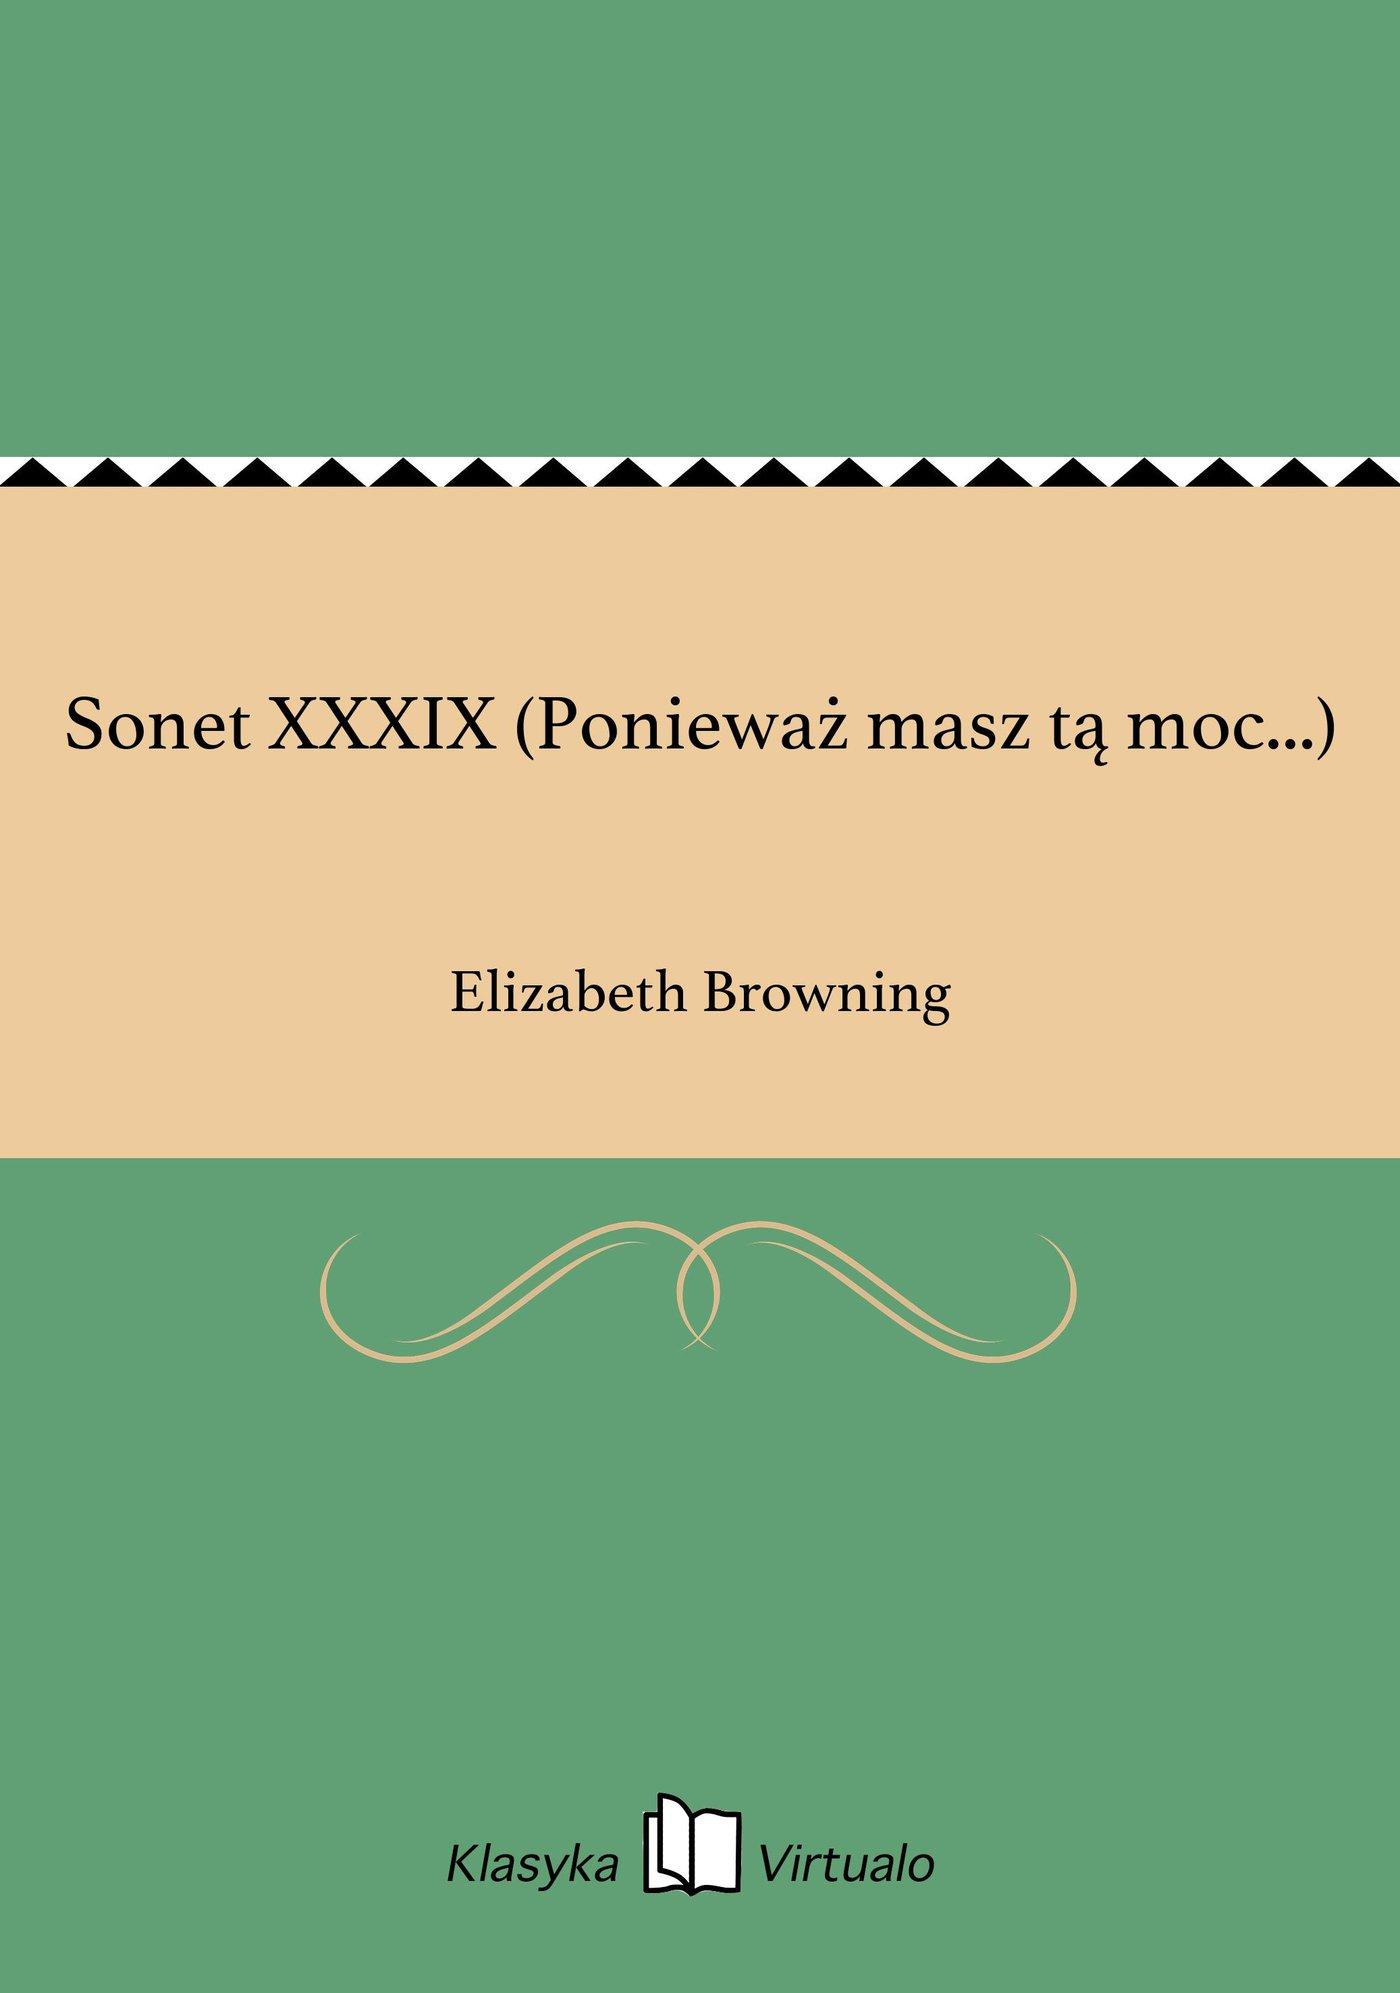 Sonet XXXIX (Ponieważ masz tą moc...) - Ebook (Książka EPUB) do pobrania w formacie EPUB